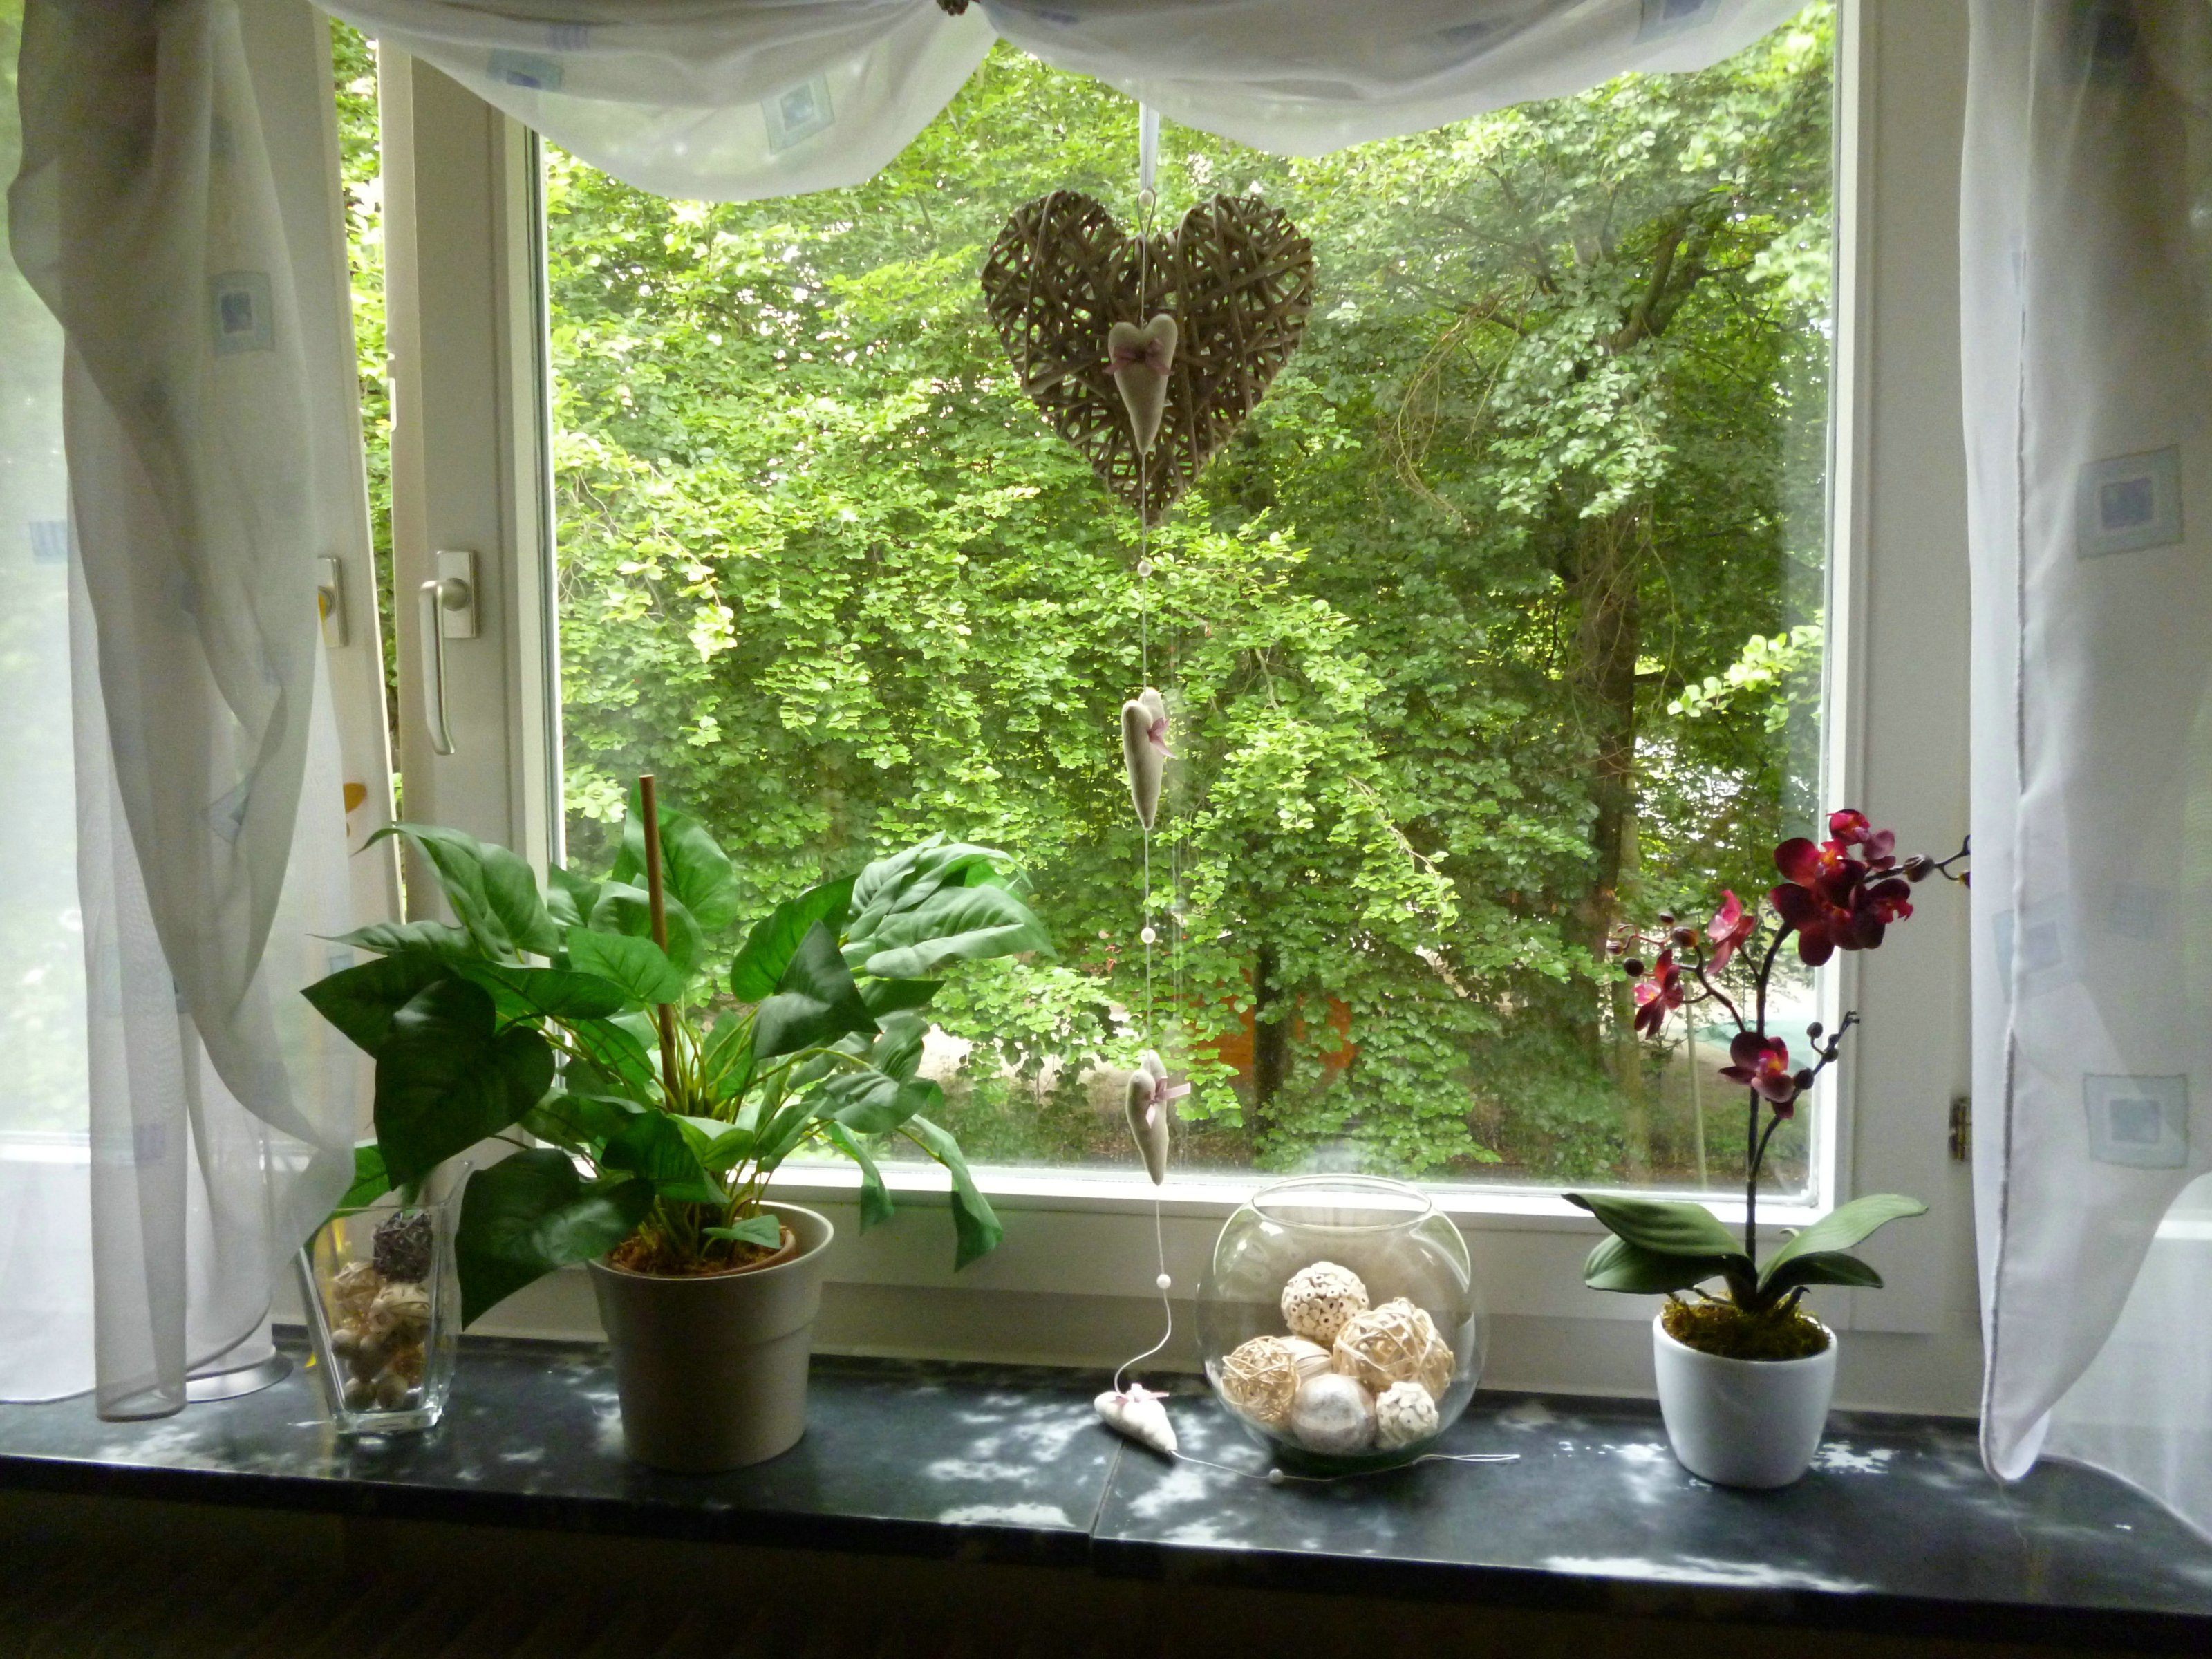 wohnzimmer 'fenster deko' - unser gemütliches heim - zimmerschau Wohnzimmer 'Fenster Deko' - Unser gemütliches Heim - Zimmerschau